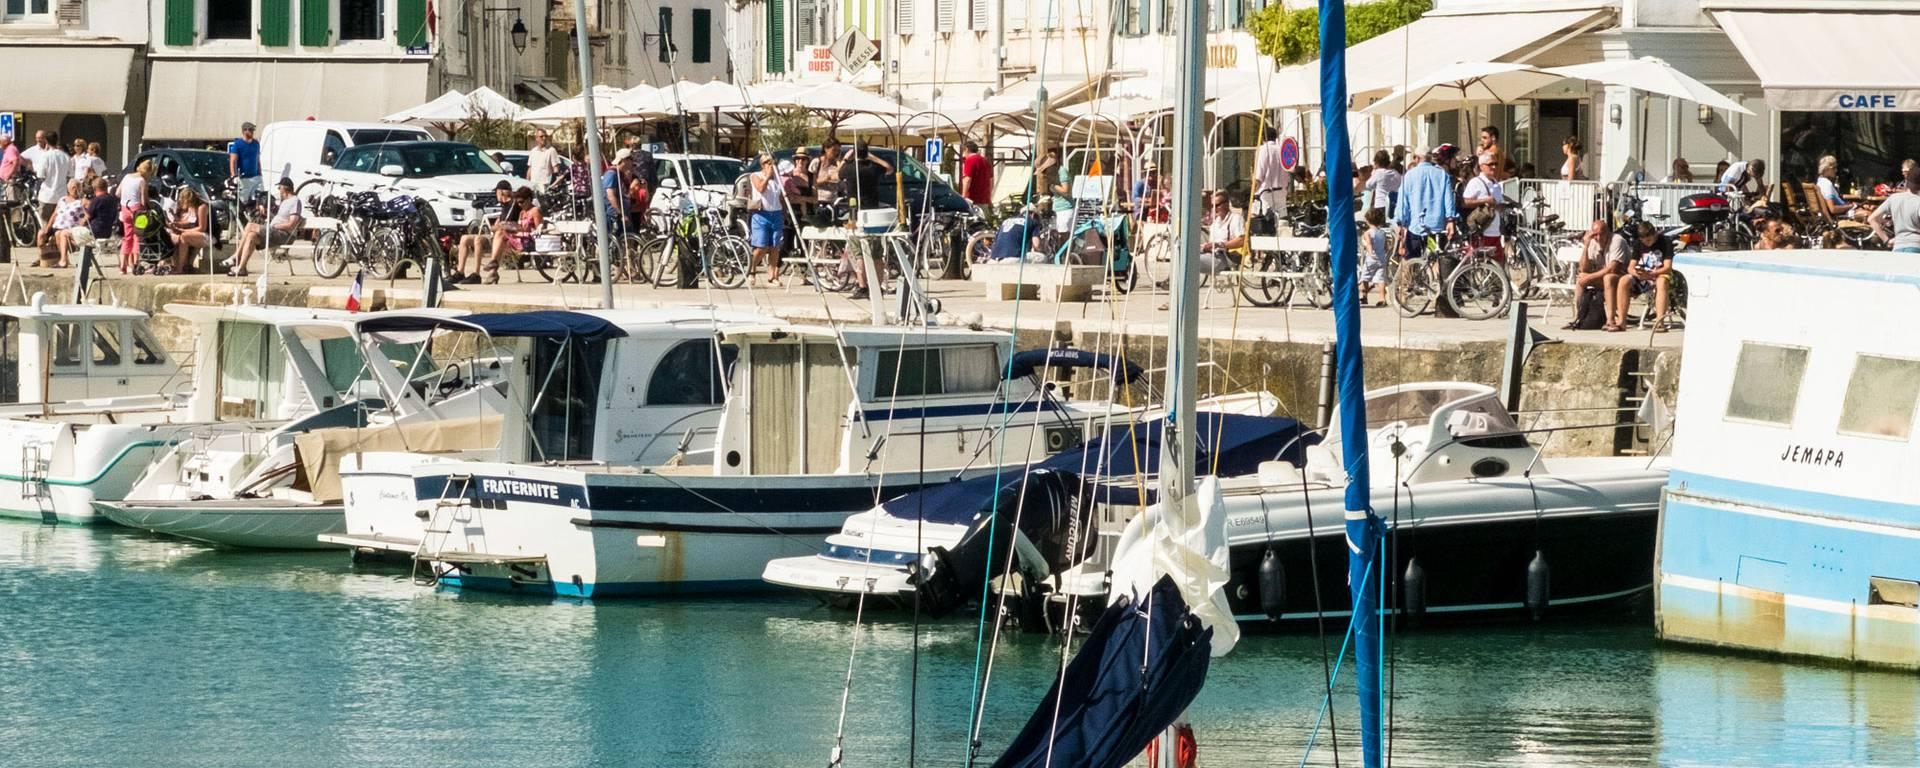 Bateaux dans le port de la Flotte par ©Yann-Werdefroy